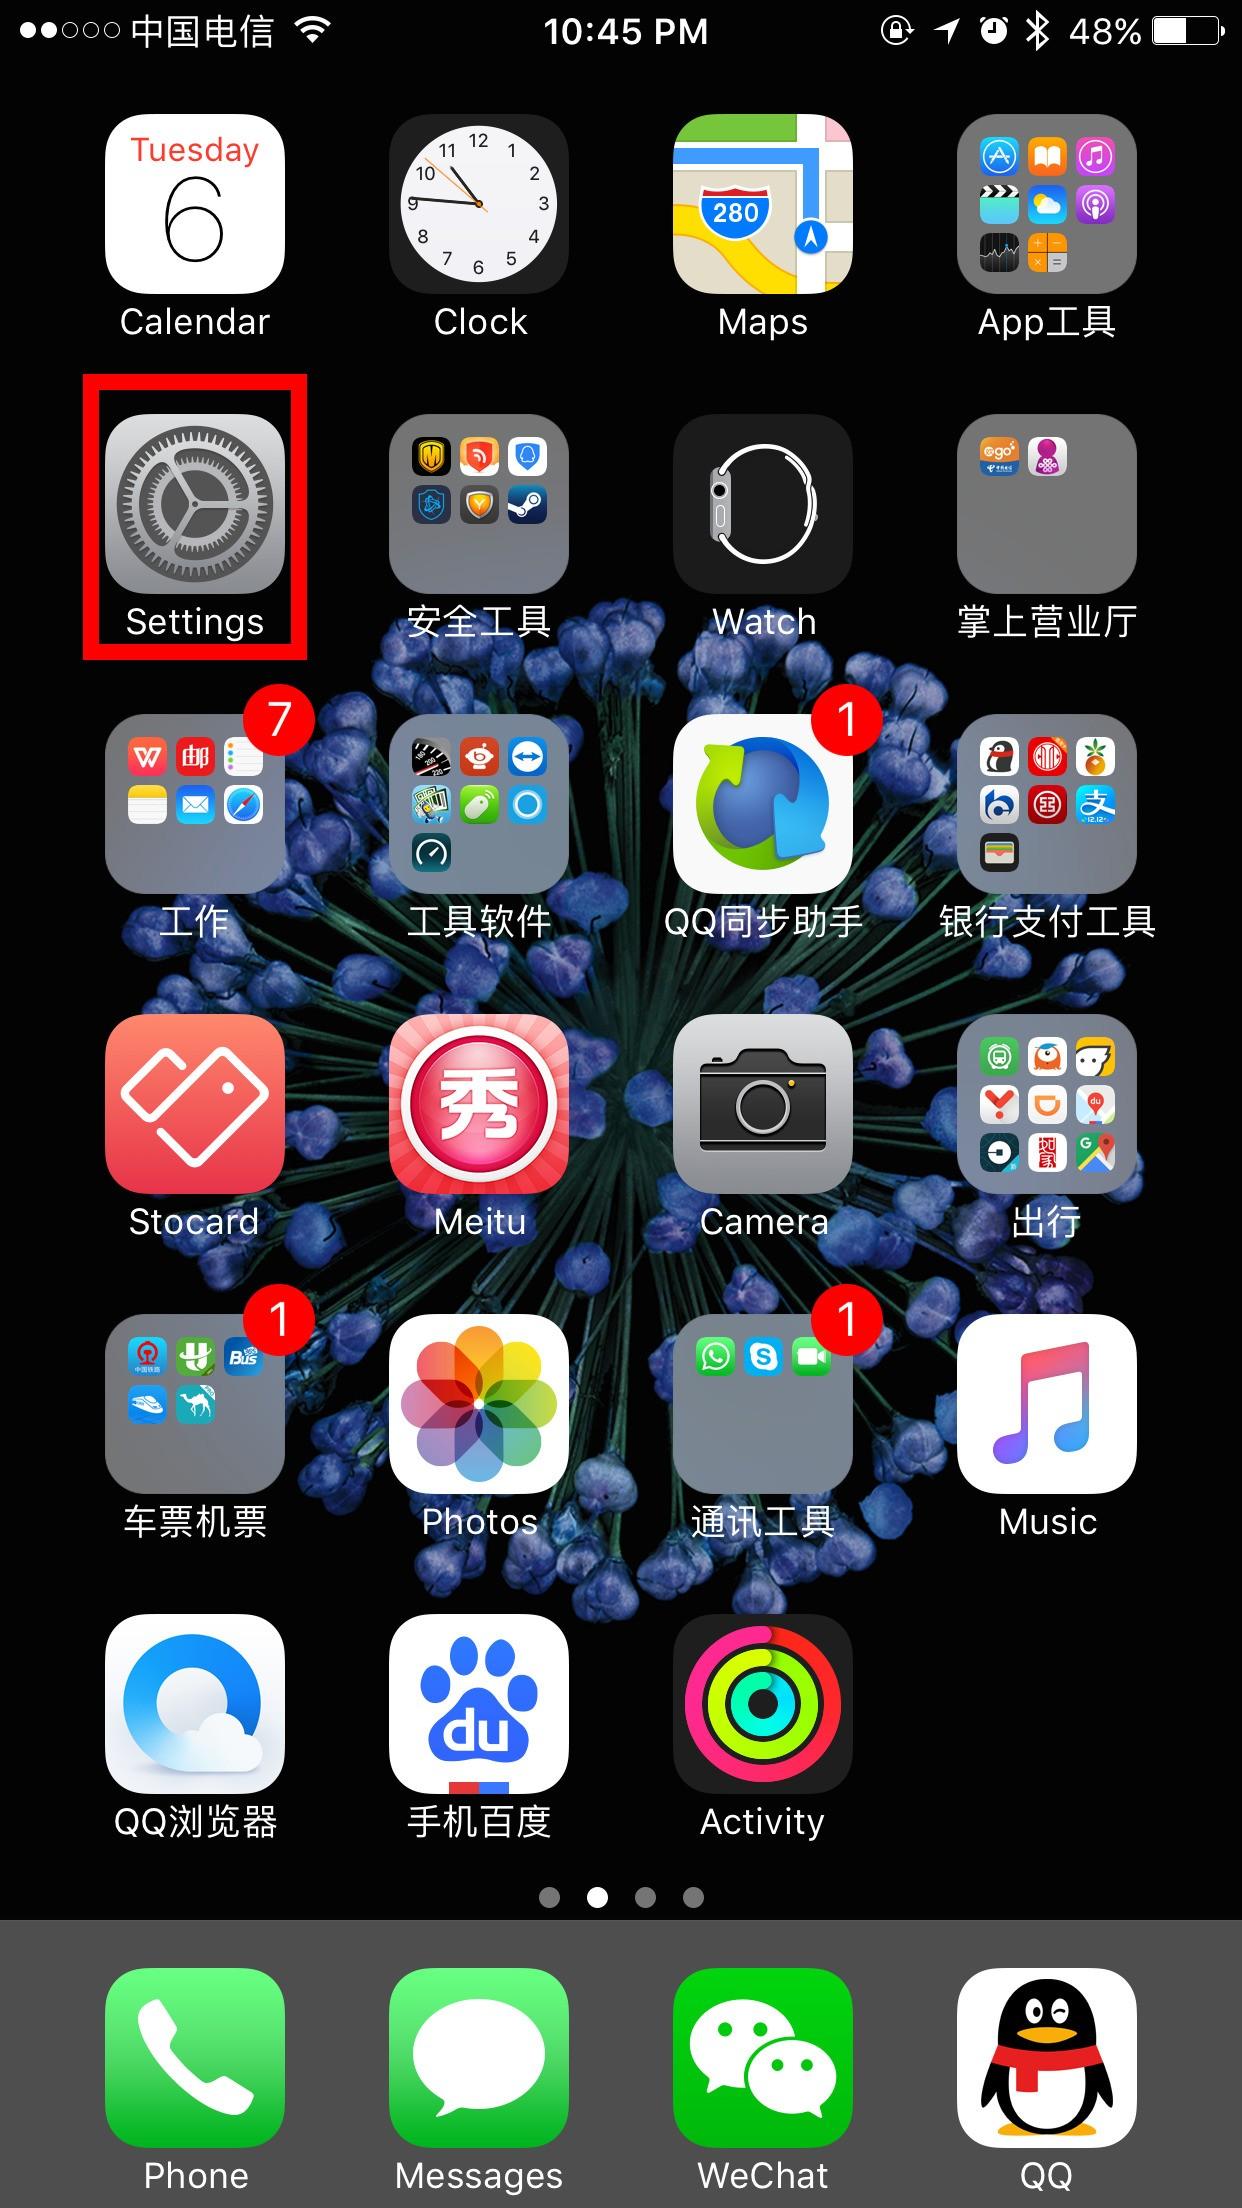 我的苹果手机朗读跳出来的是英文怎样设置成中文